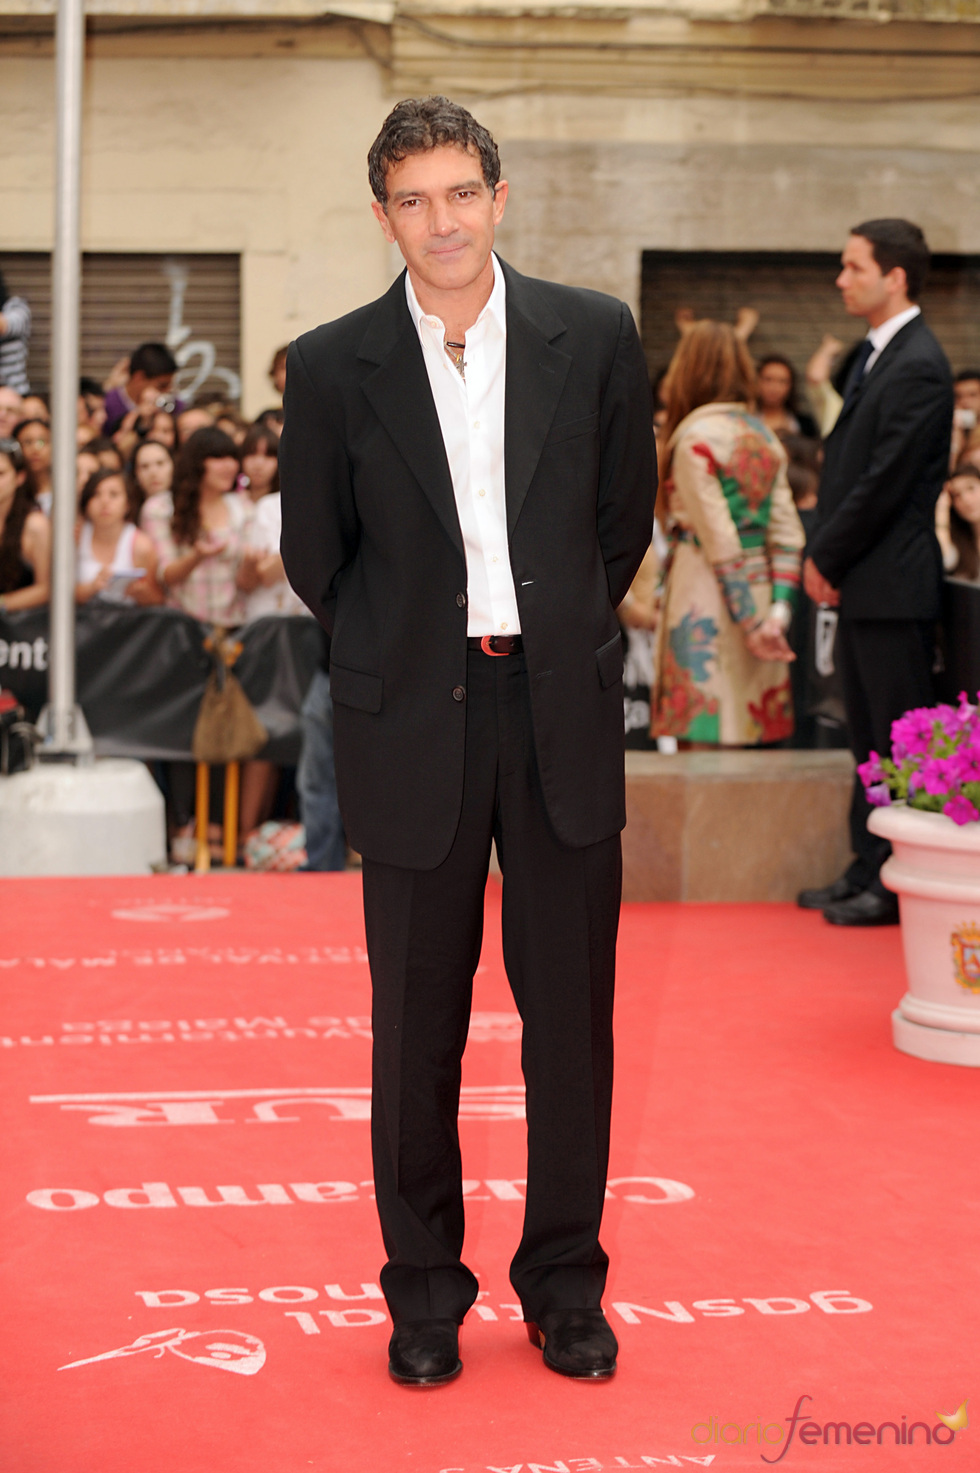 Antonio Banderas en la clausura del Festival de Cine de Málaga 2011